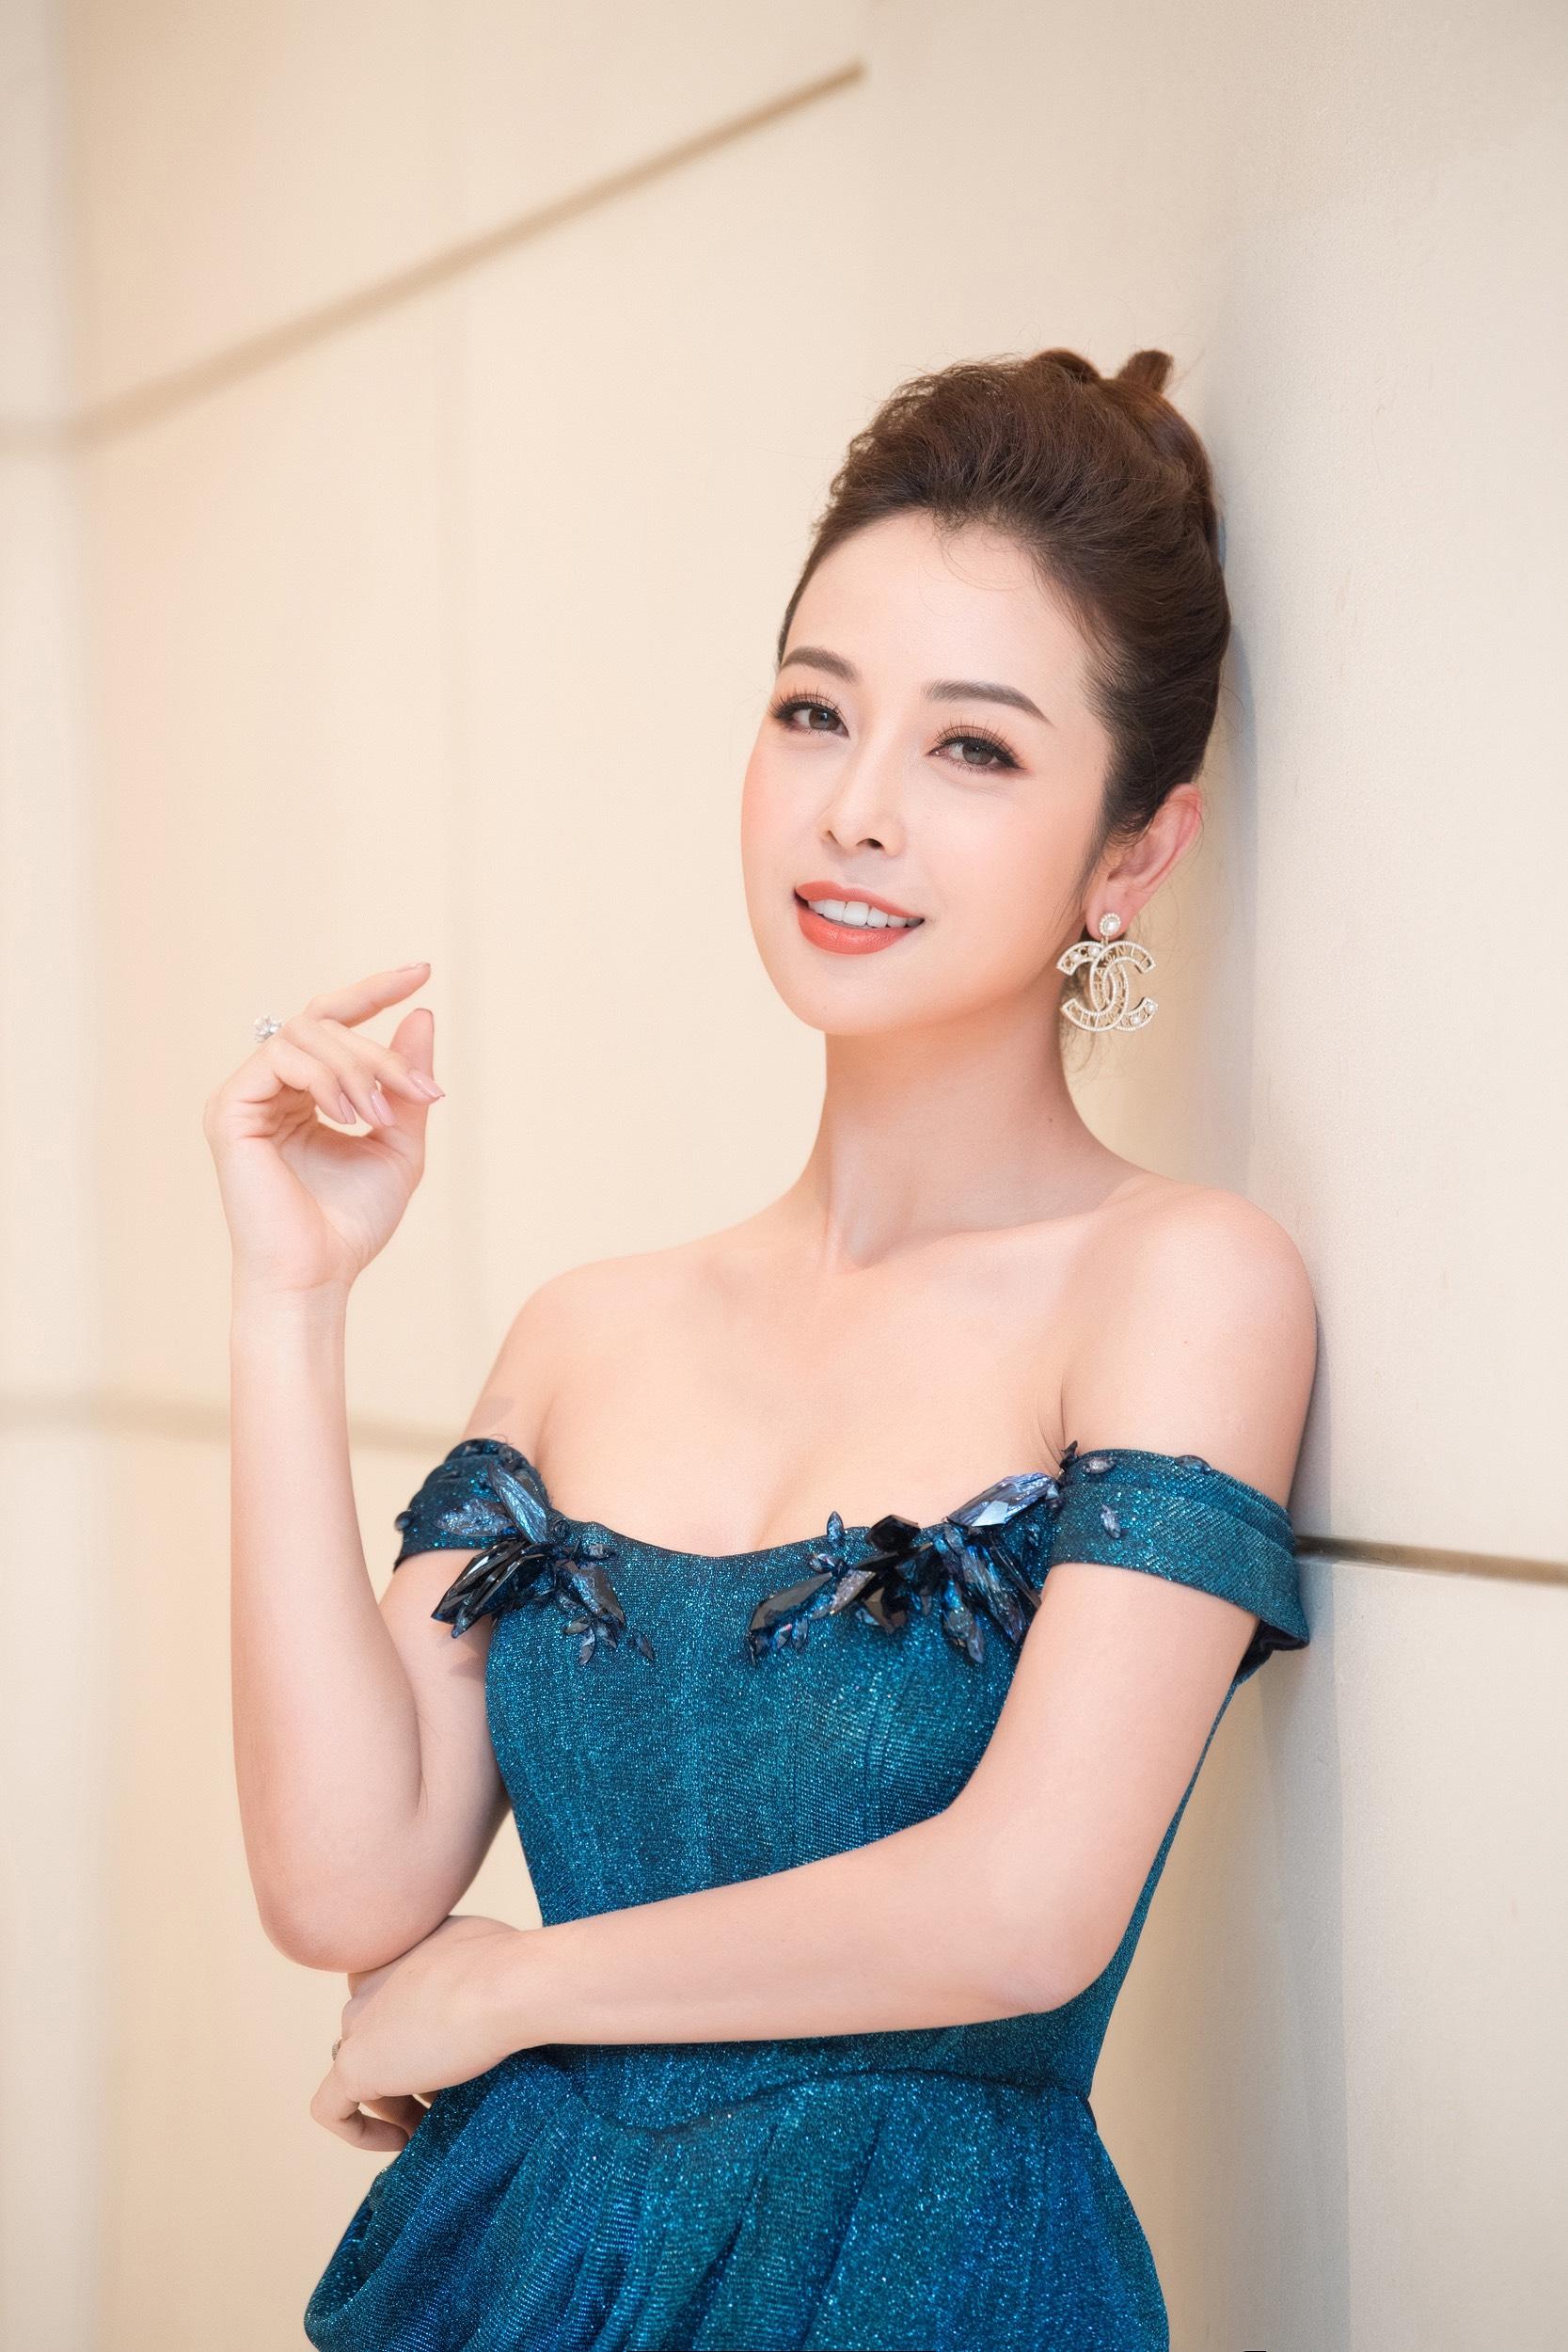 Hoa hậu Jennifer Phạm: Dịch Covid-19 cho chúng ta cơ hội sống chậm lại và yêu thương nhiều hơn - Ảnh 1.